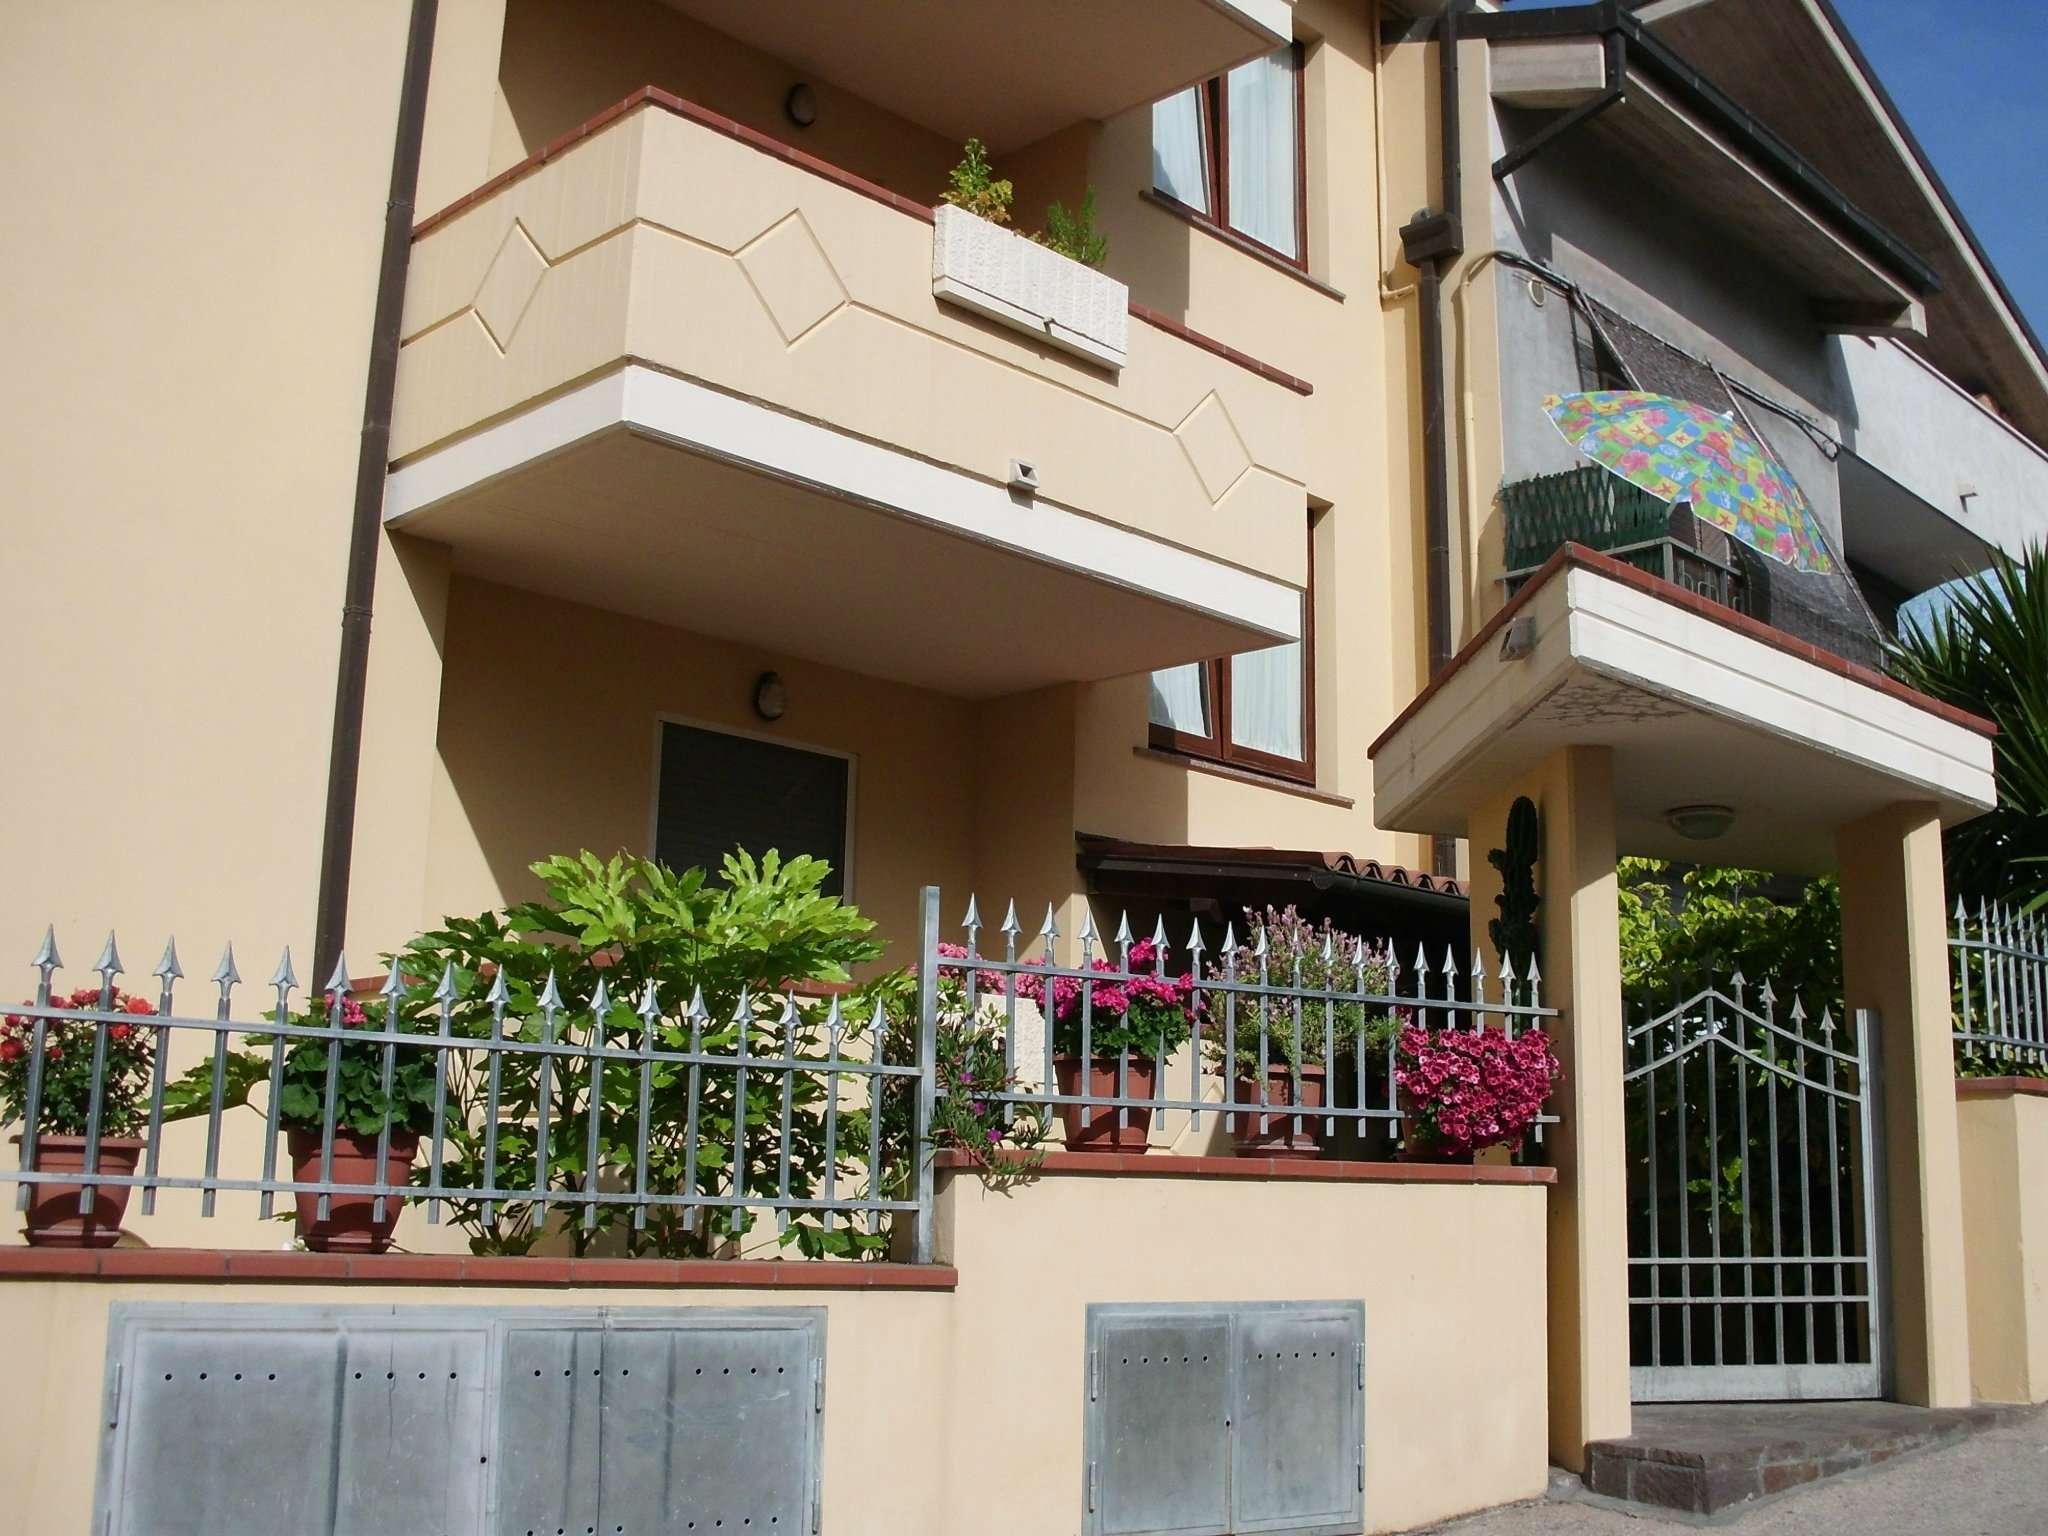 Attico / Mansarda in affitto a Città Sant'Angelo, 2 locali, prezzo € 350 | Cambio Casa.it